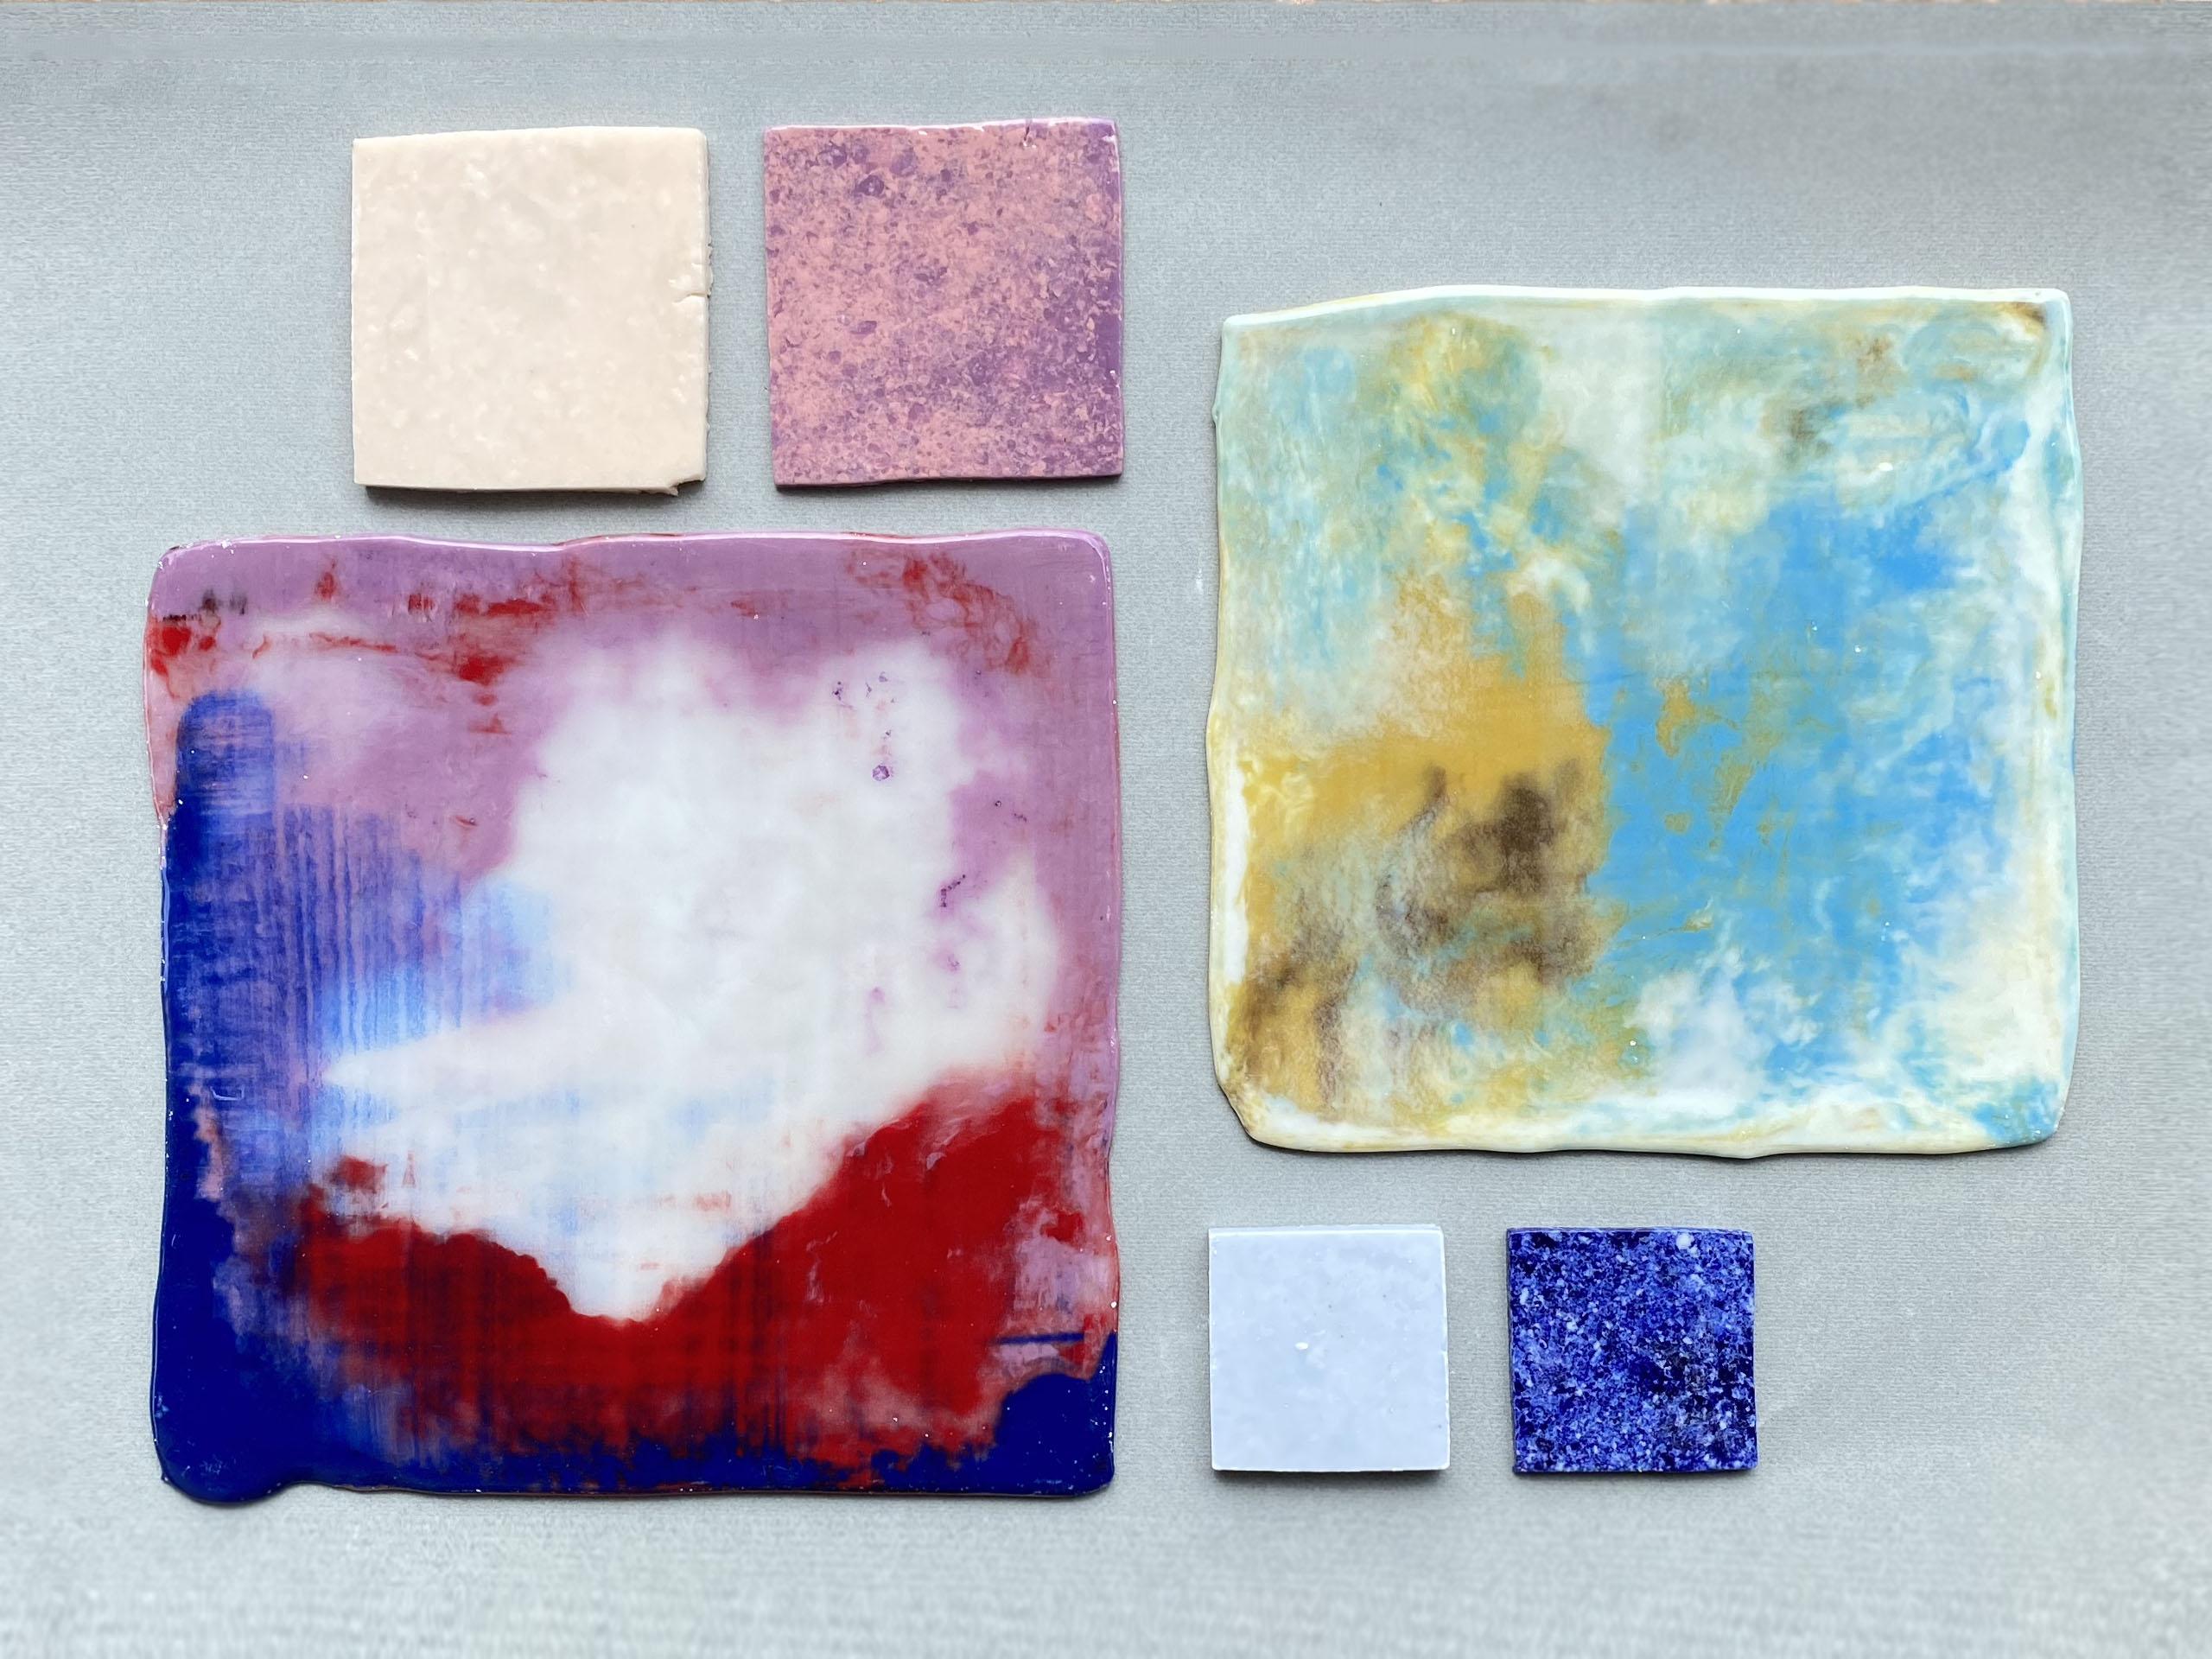 Misure formati e spessori smalti morassutti mosaici